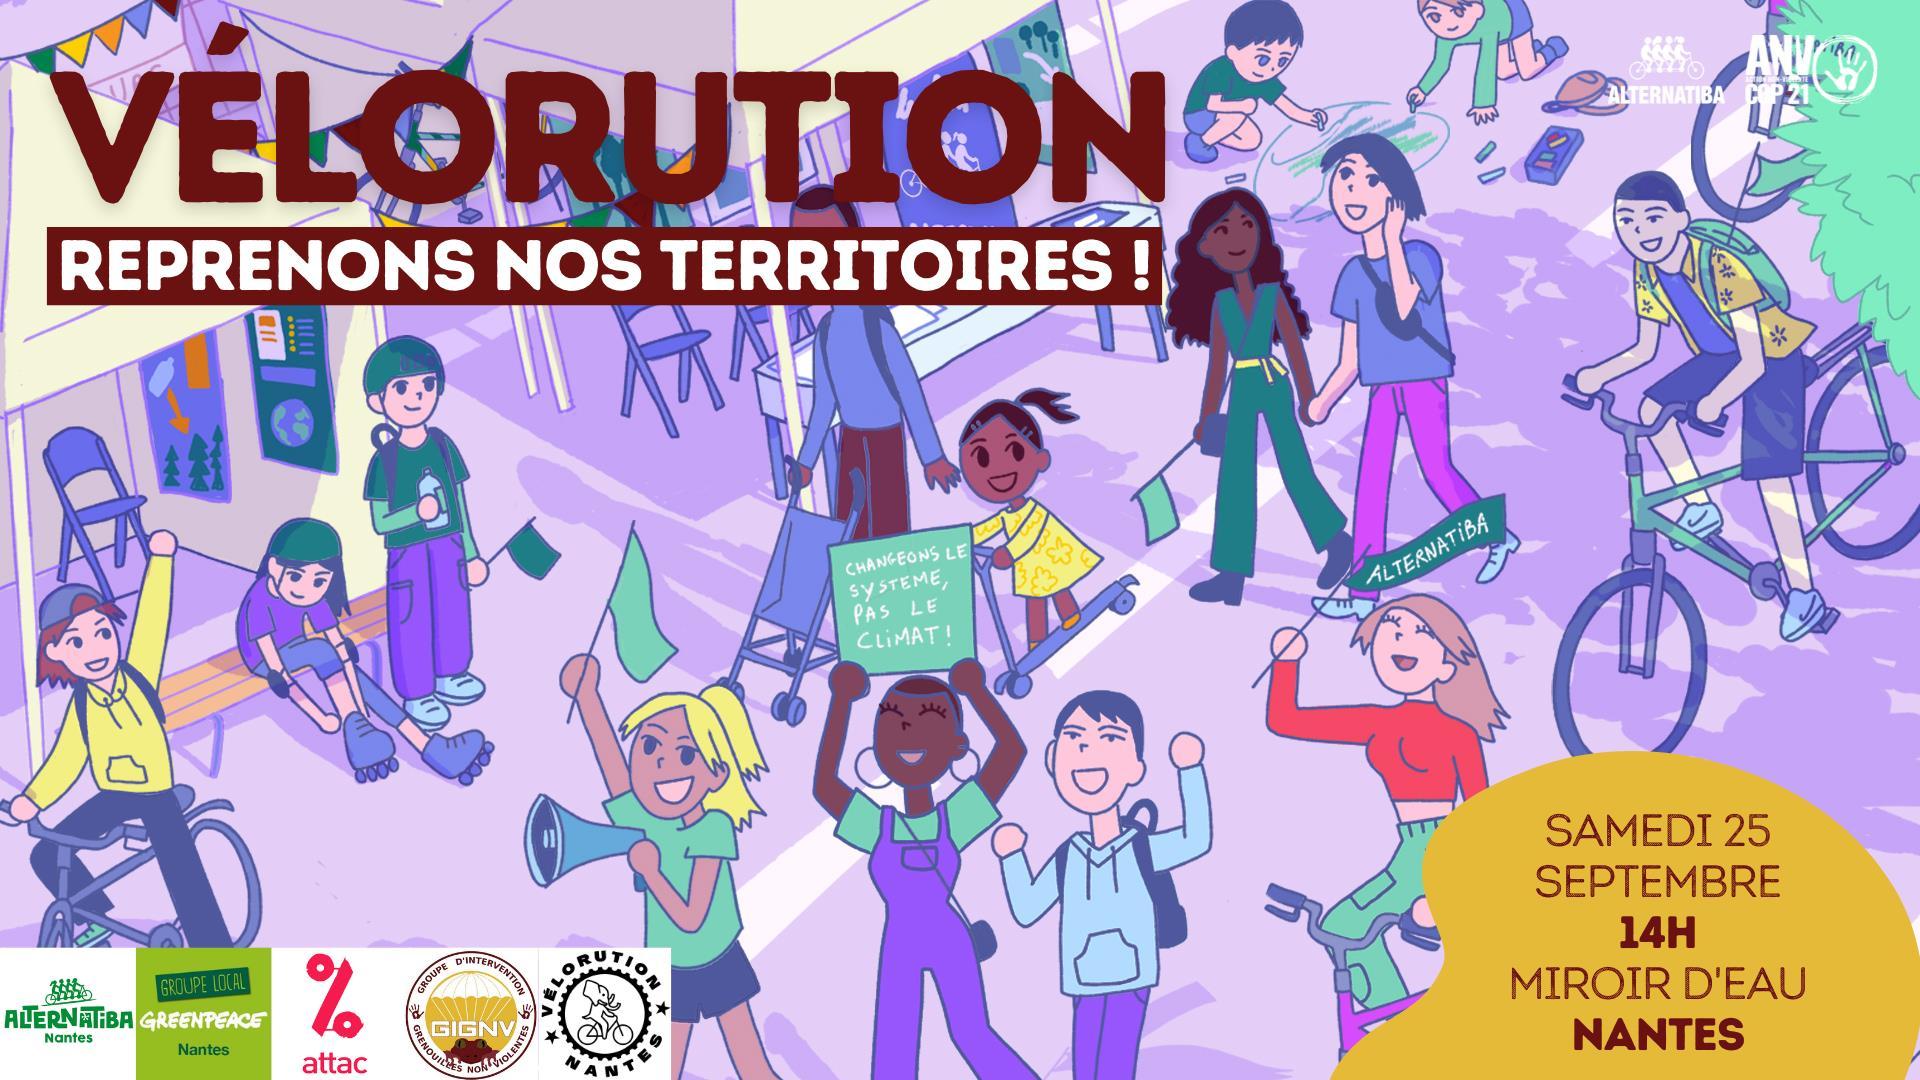 Vélorution · Reprenons nos territoires ! · NANTES